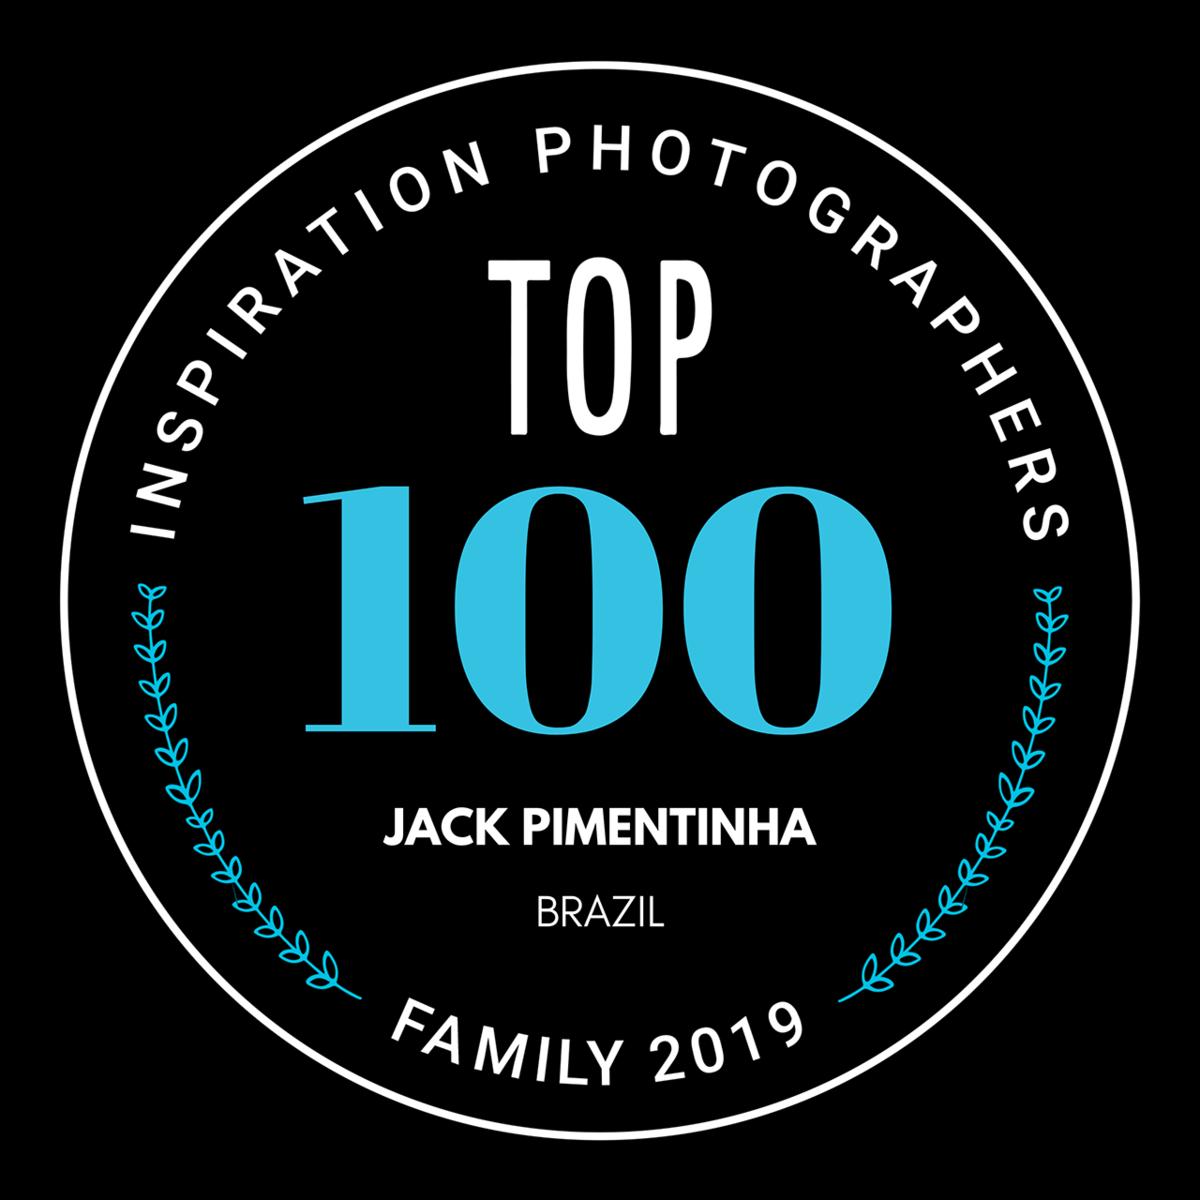 Imagem capa - Estamos no TOP 100 fotógrafos de família!!!!!!!!!!!!! E 2020 promete! por Jaquelini da Rosa dos Anjos dos Santos